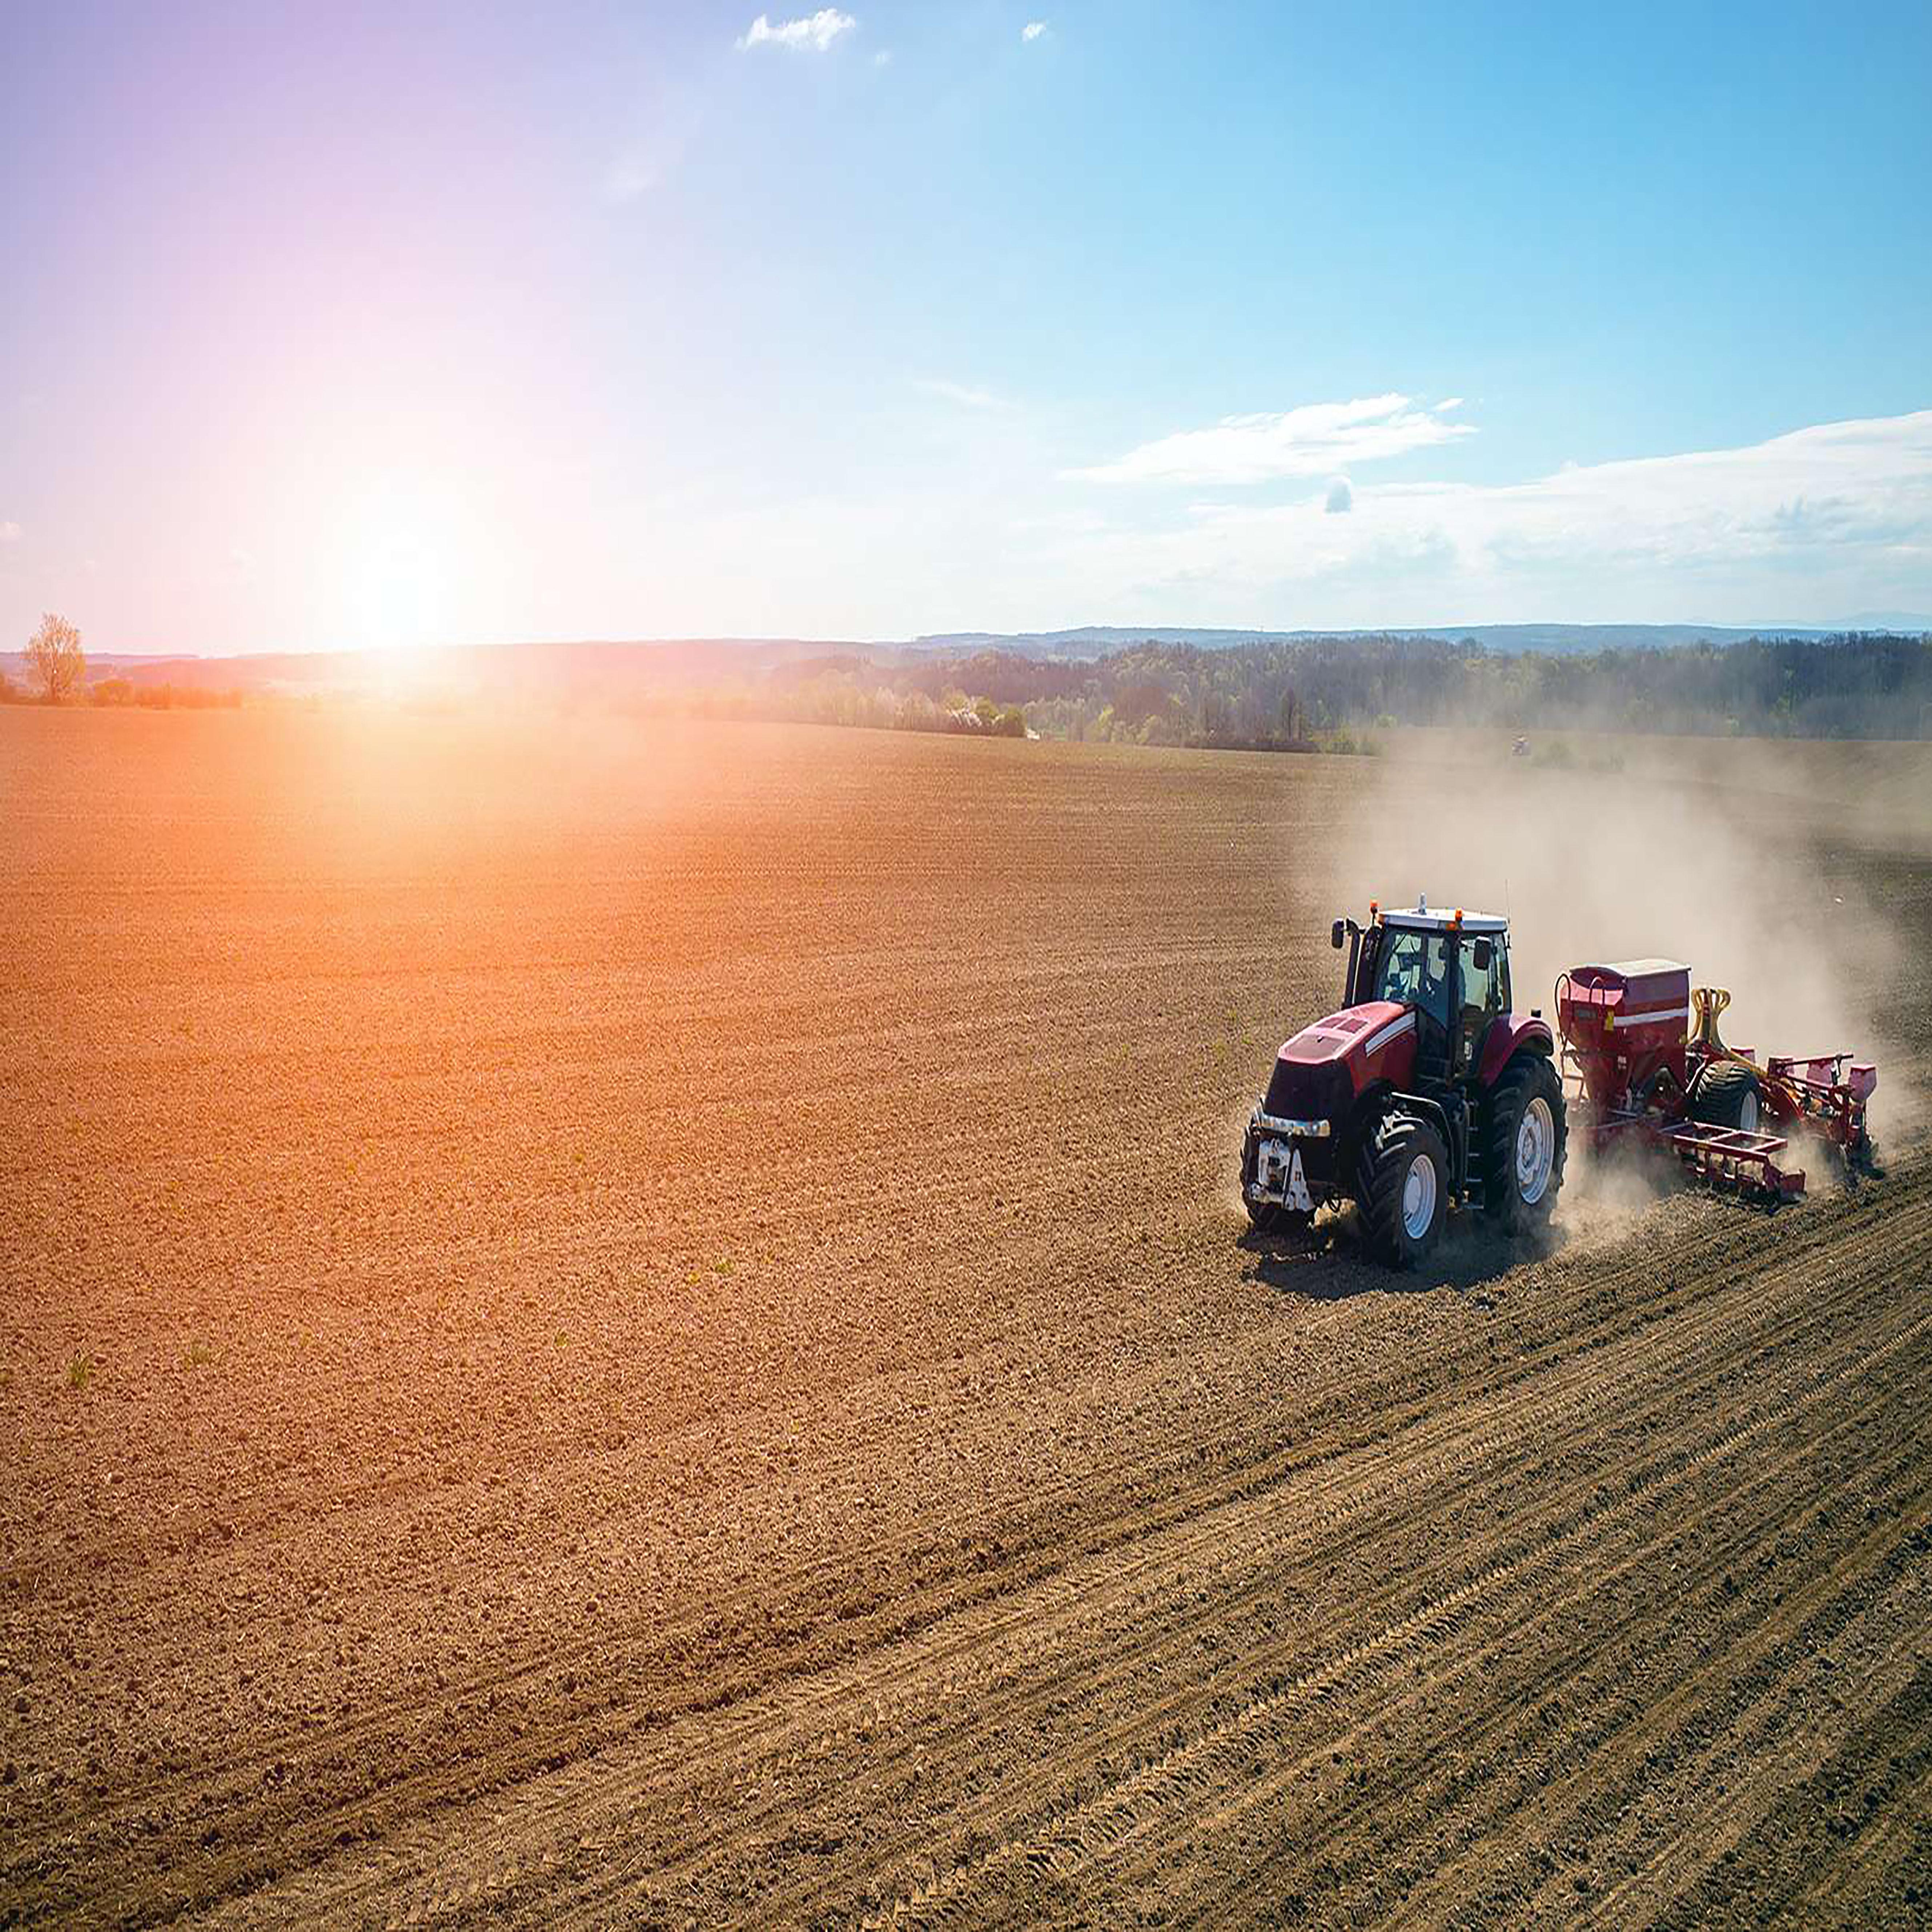 【視点110号】 TPP/IoT時代を生き抜く「農業 4.0」 のすすめ